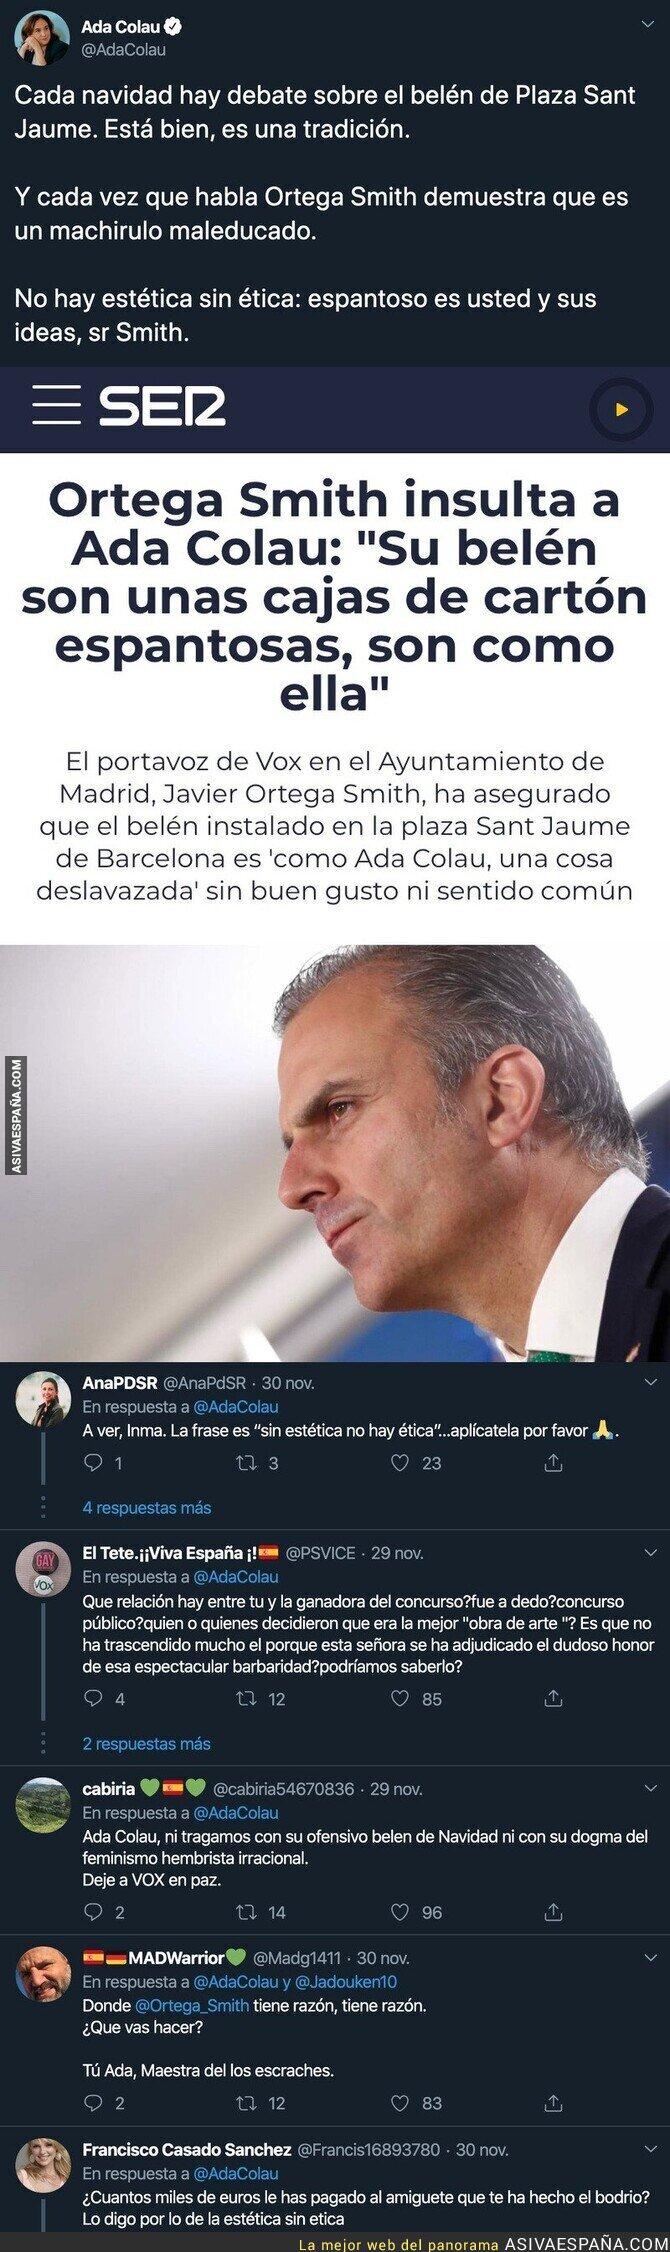 128713 - Ada Colau responde de forma tajante a Javier Ortega Smith tras criticar el belén que ha colocado el Ayuntamiento de Barcelona